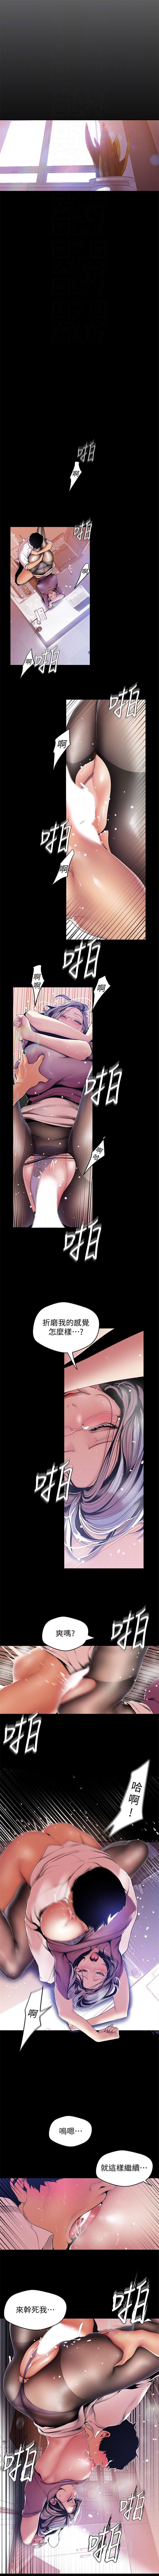 (週1)美麗新世界 1-70 中文翻譯 (更新中) 433